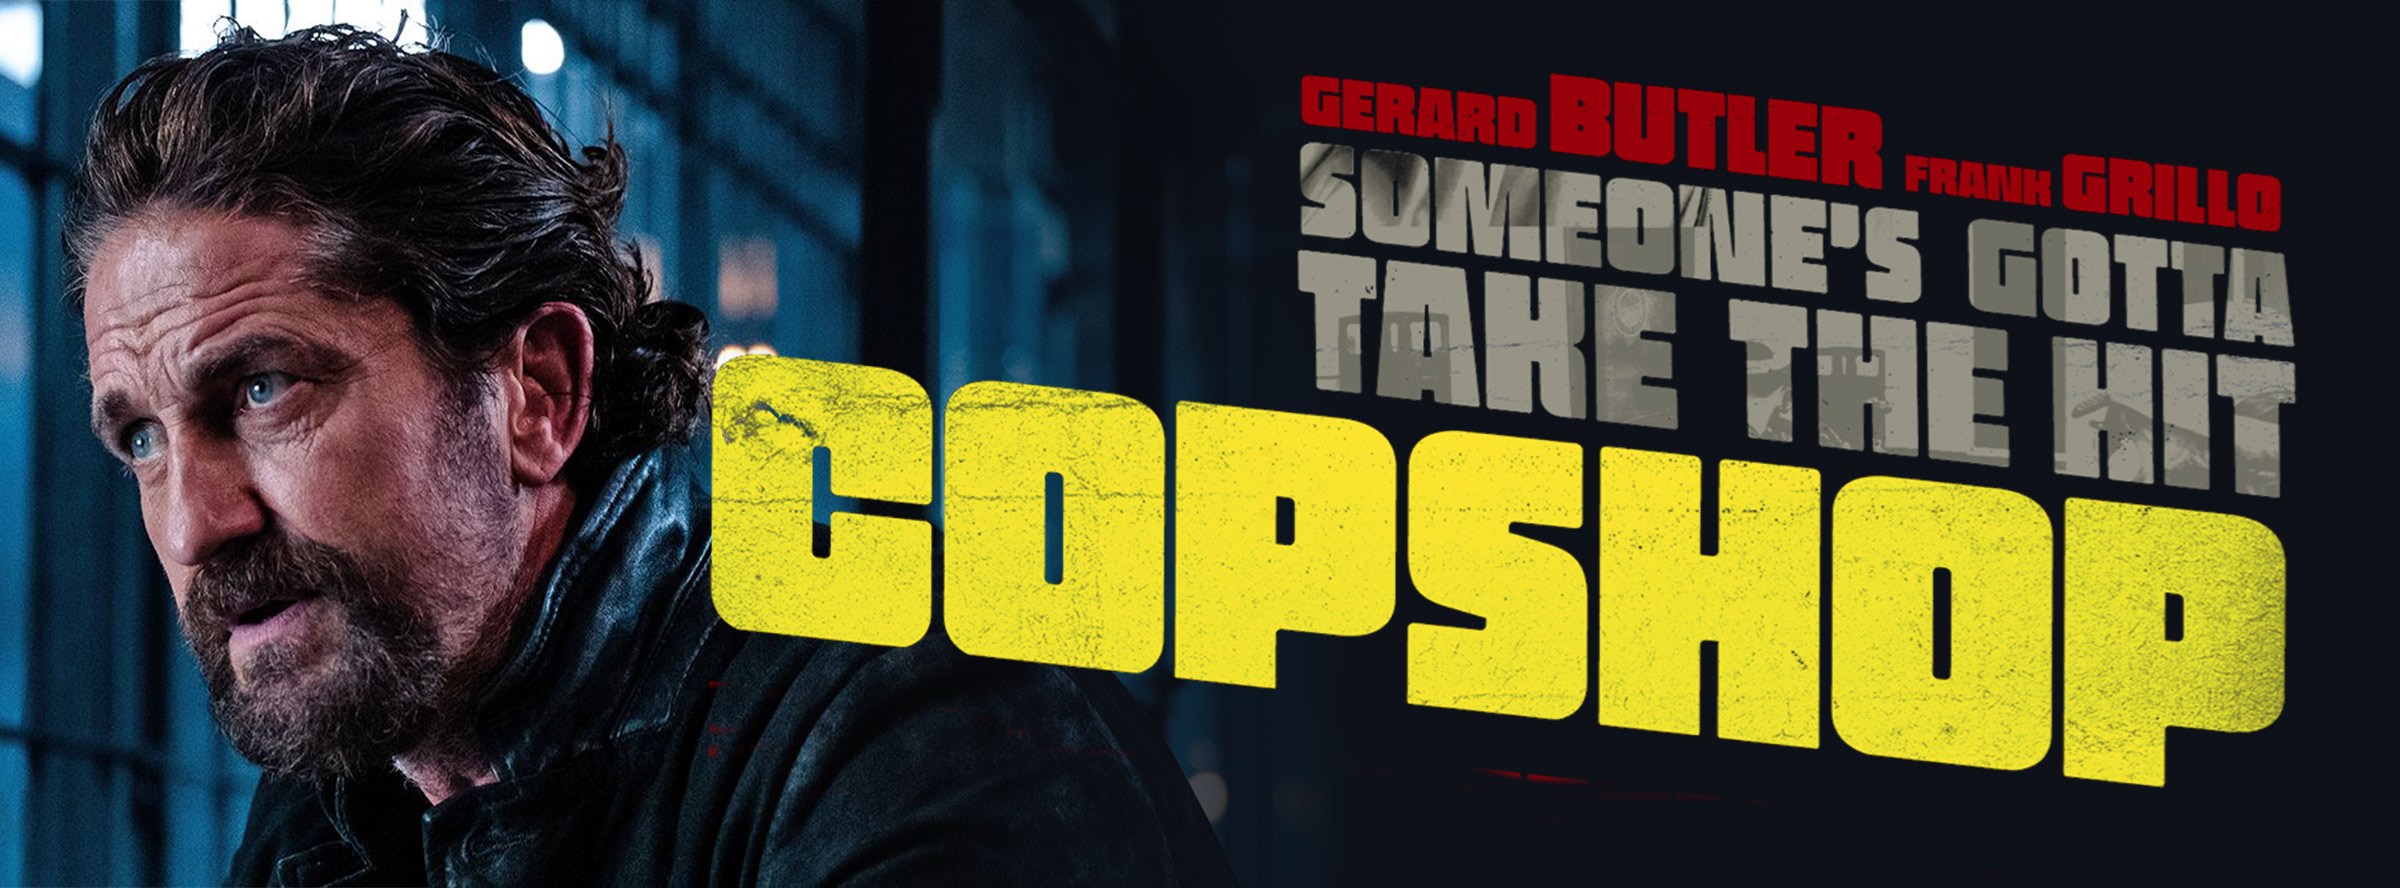 Slider Image for Copshop